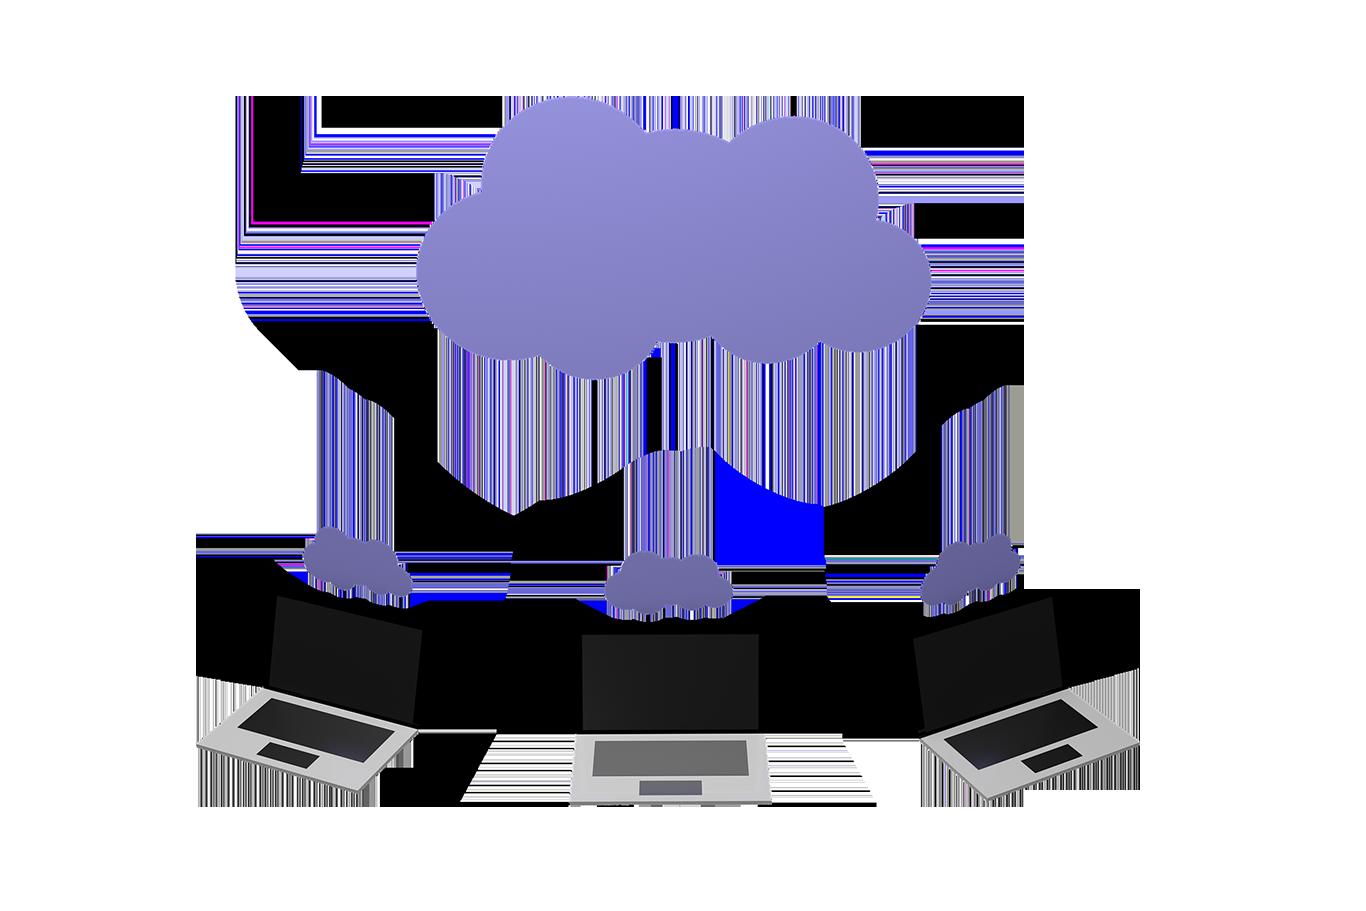 consulenza iot cloud consultancy azure